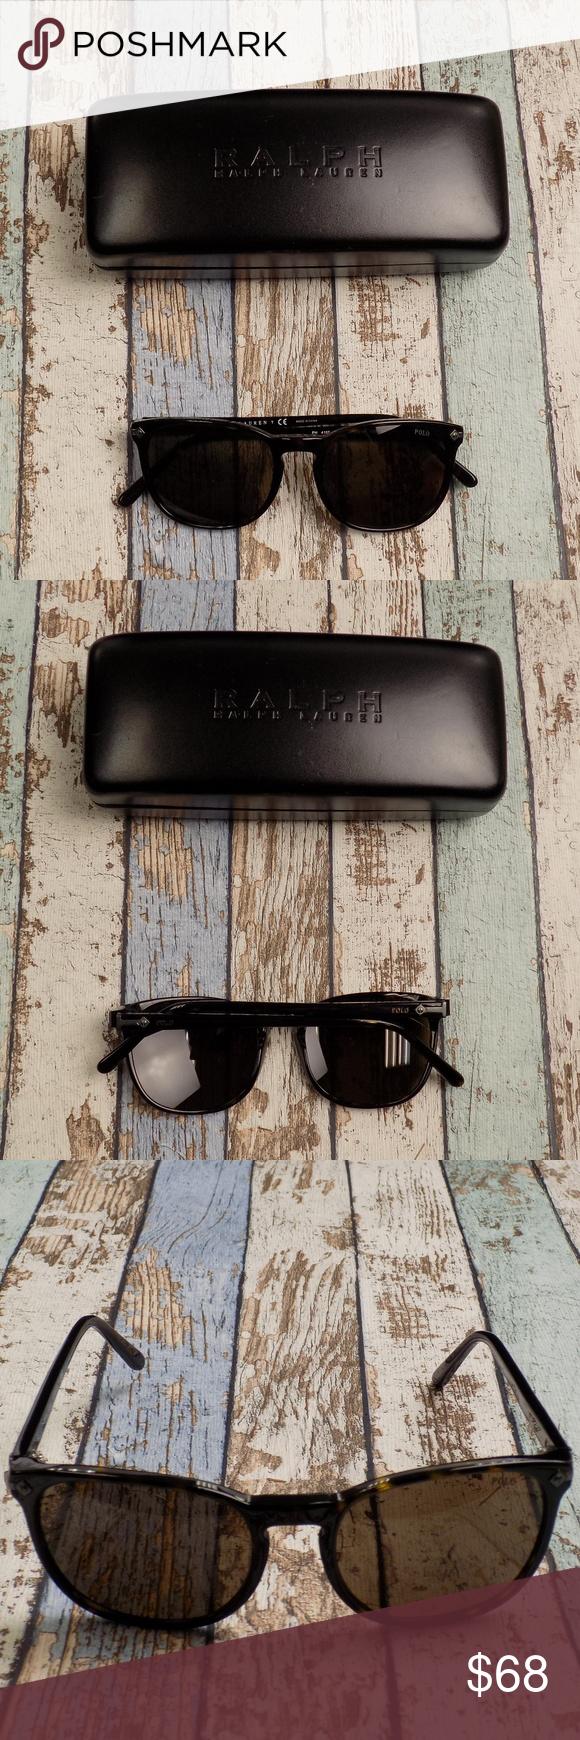 36dca2e866b1 Polo Ralph Lauren PH4107 Men's Sunglasses/ERP242 Polo Ralph Lauren PH4107  5003/73 Men's Sunglasses. Glasses are in Excellent Condition!